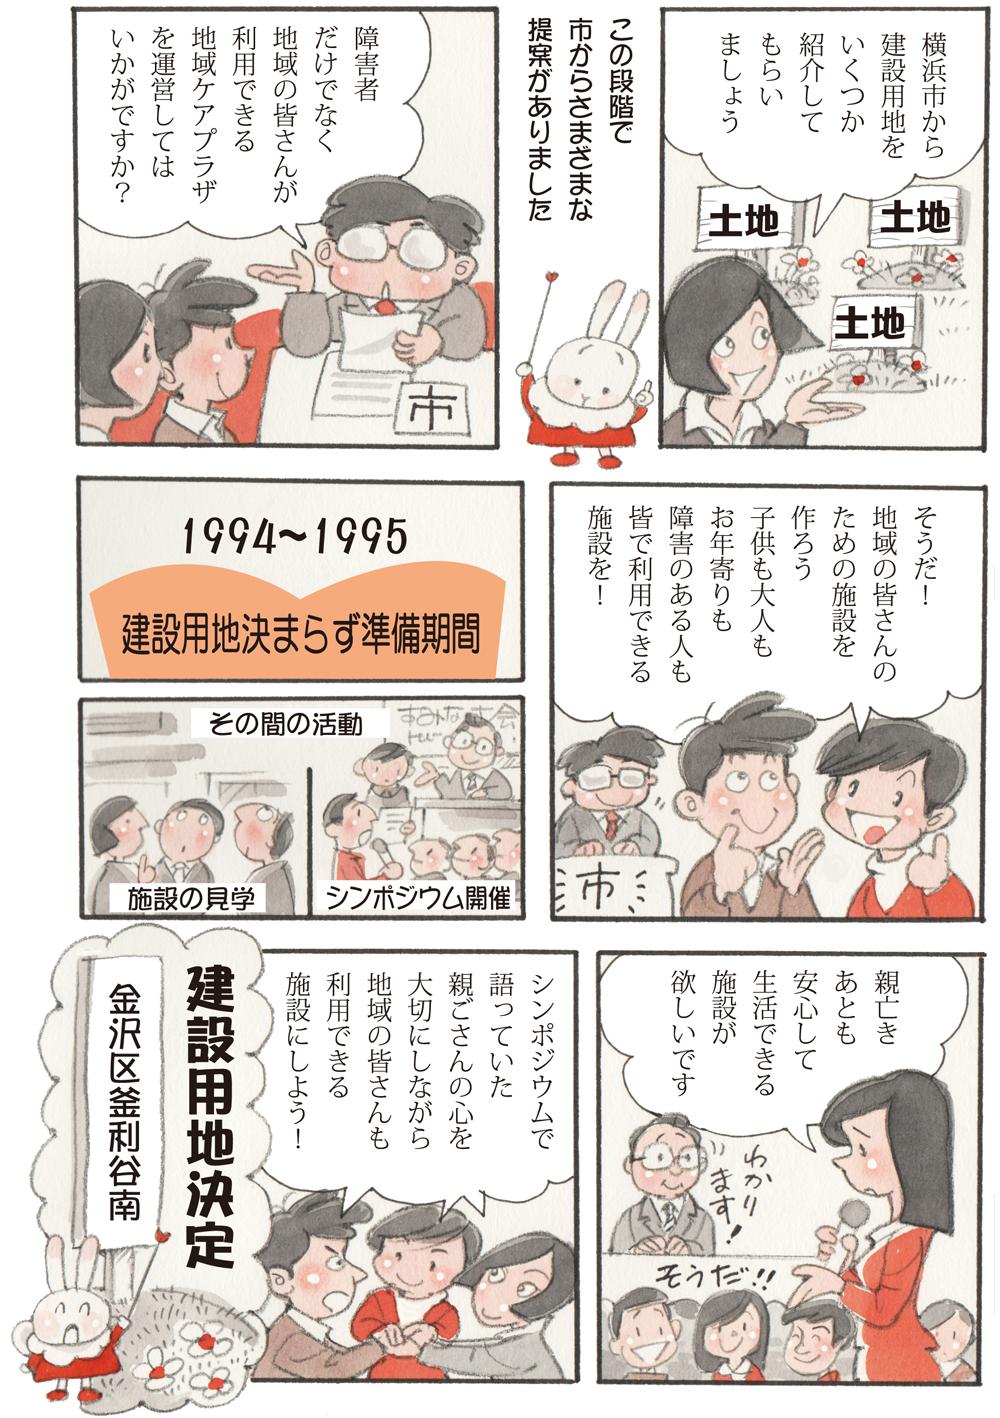 すみなす会誕生物語 4p